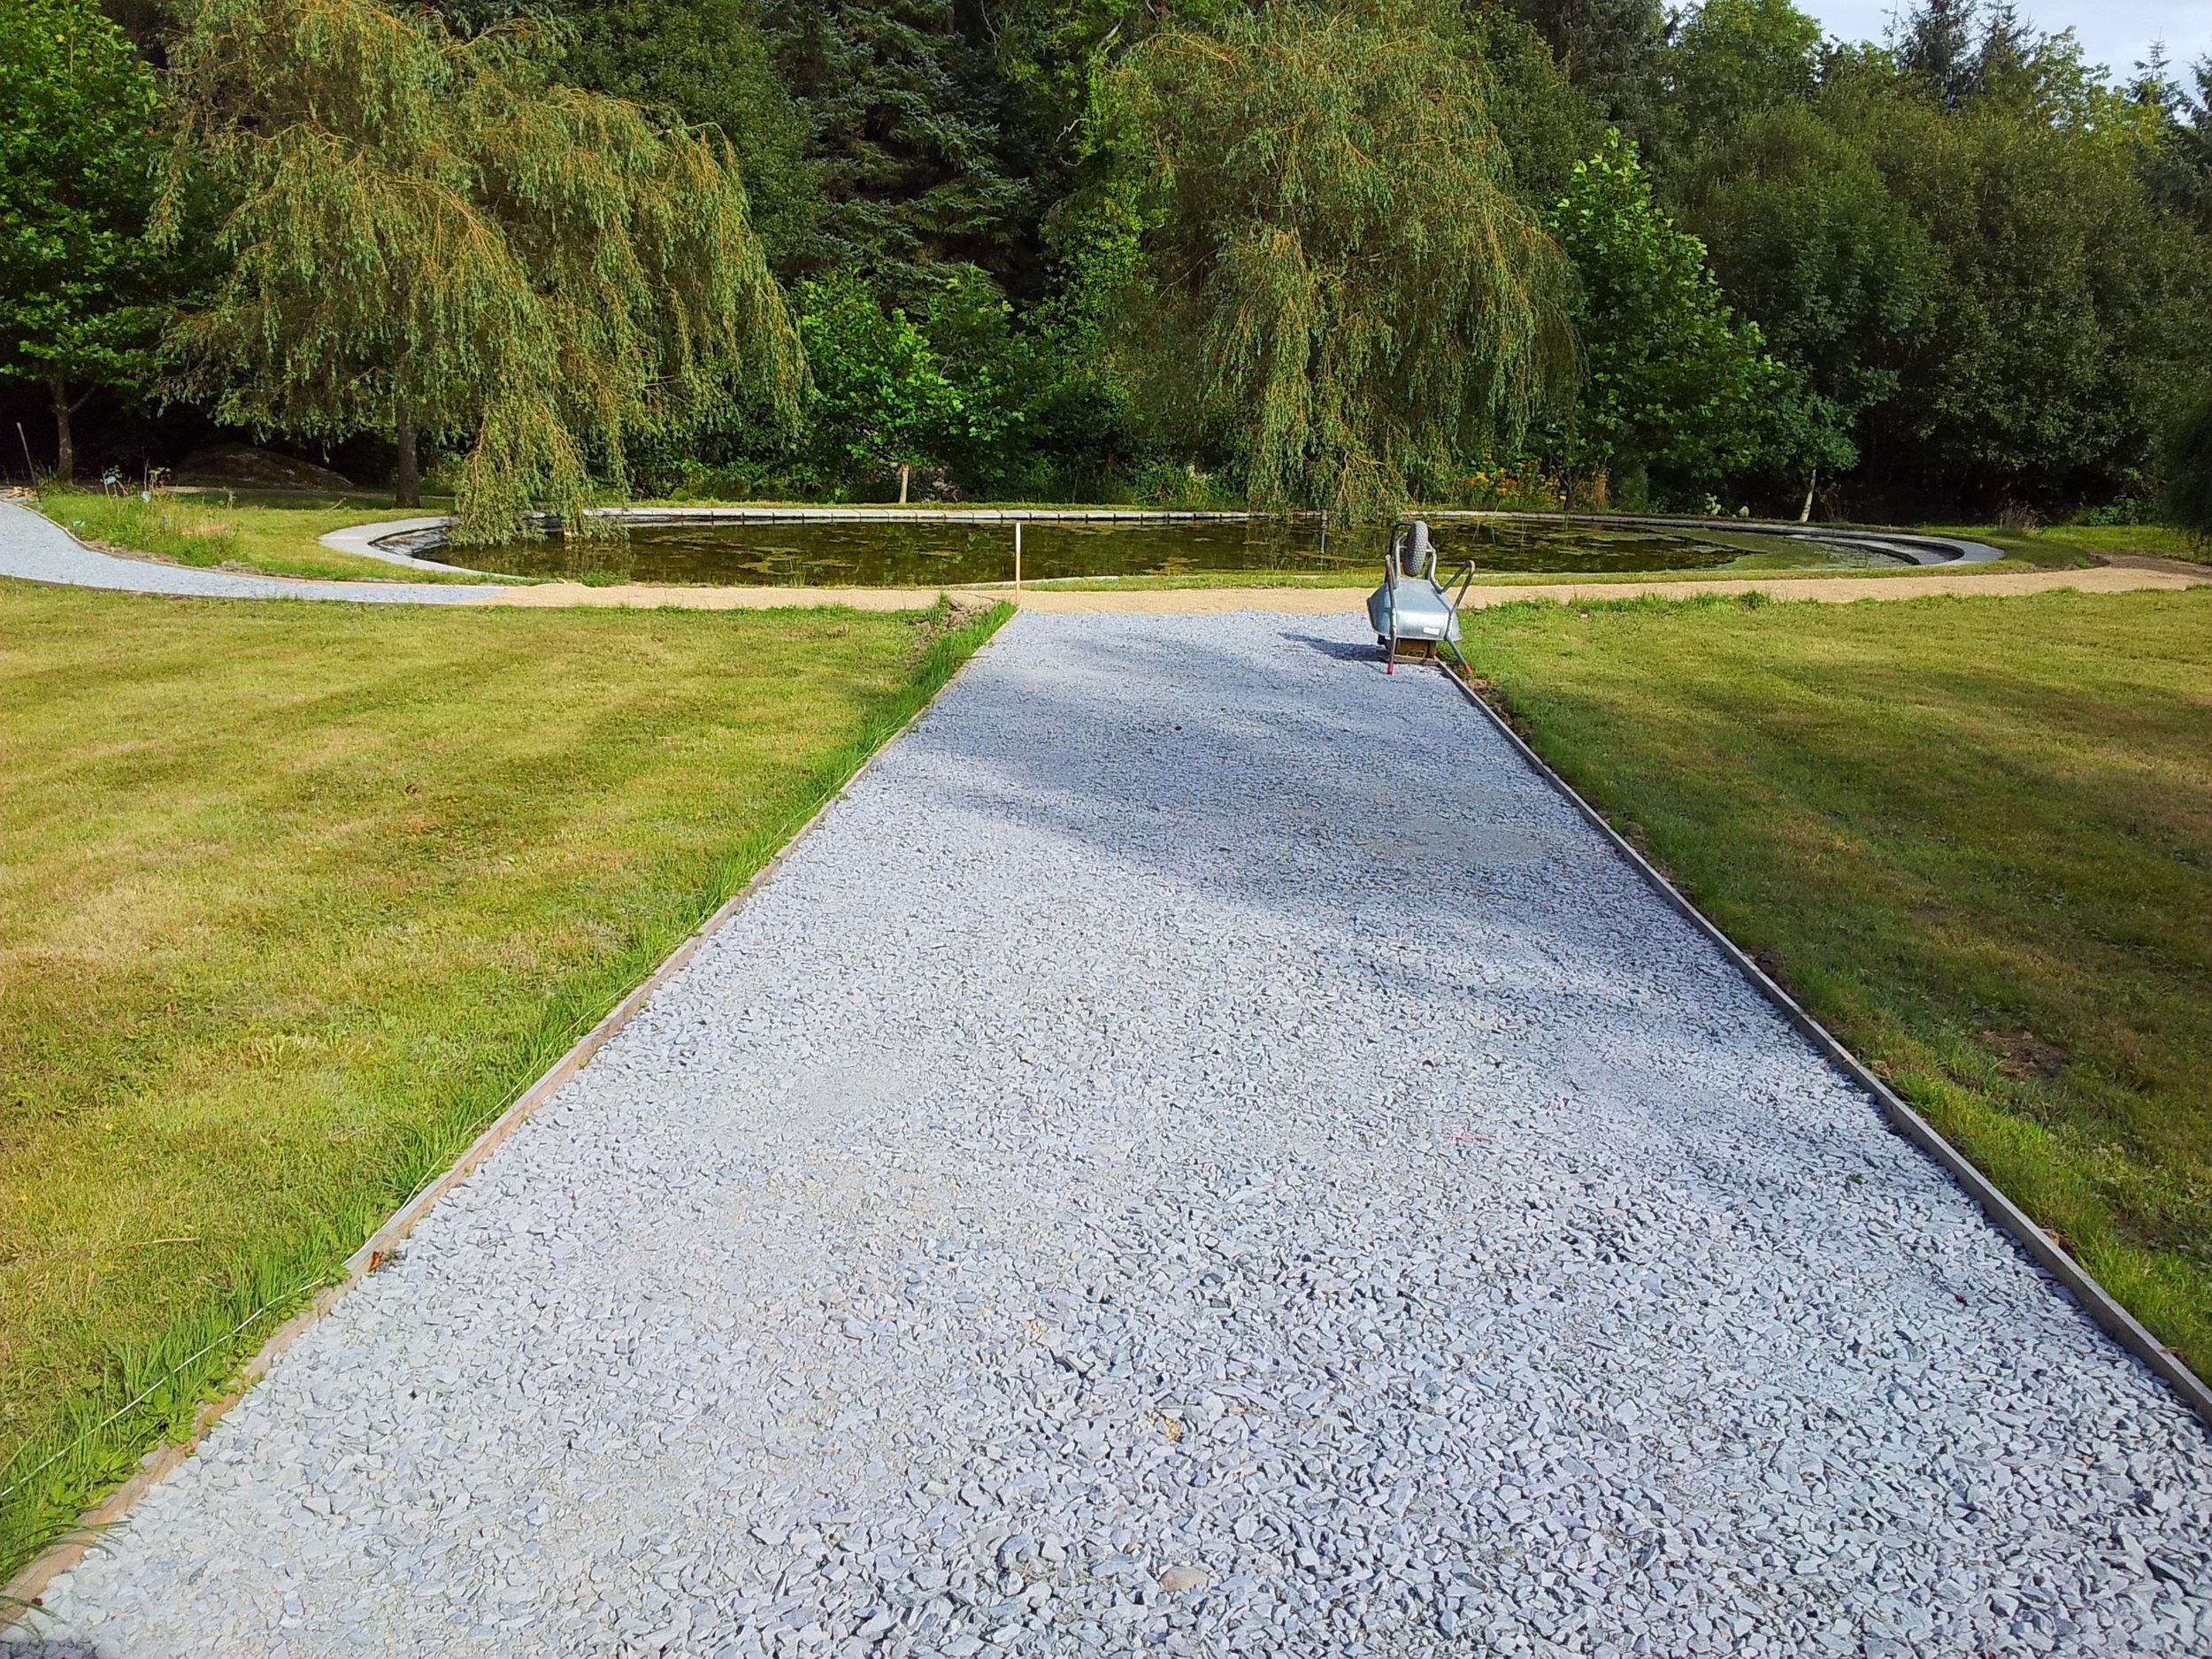 Garden thoroughfare